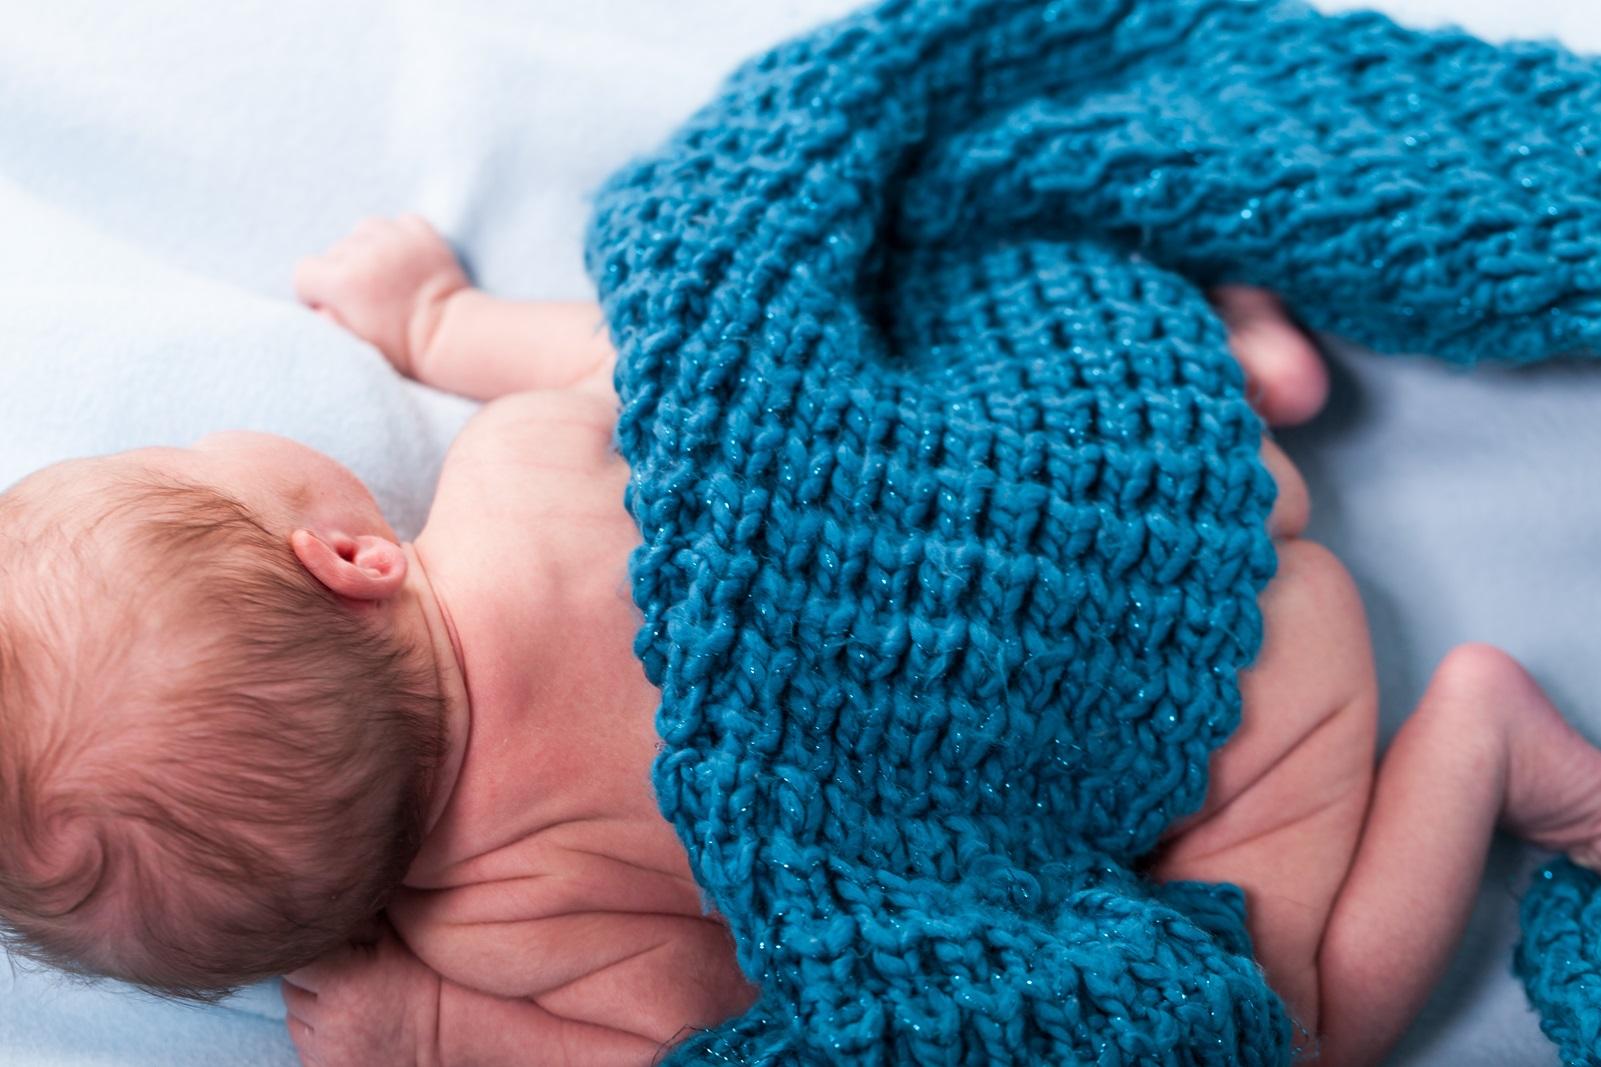 Billede af nyfødt